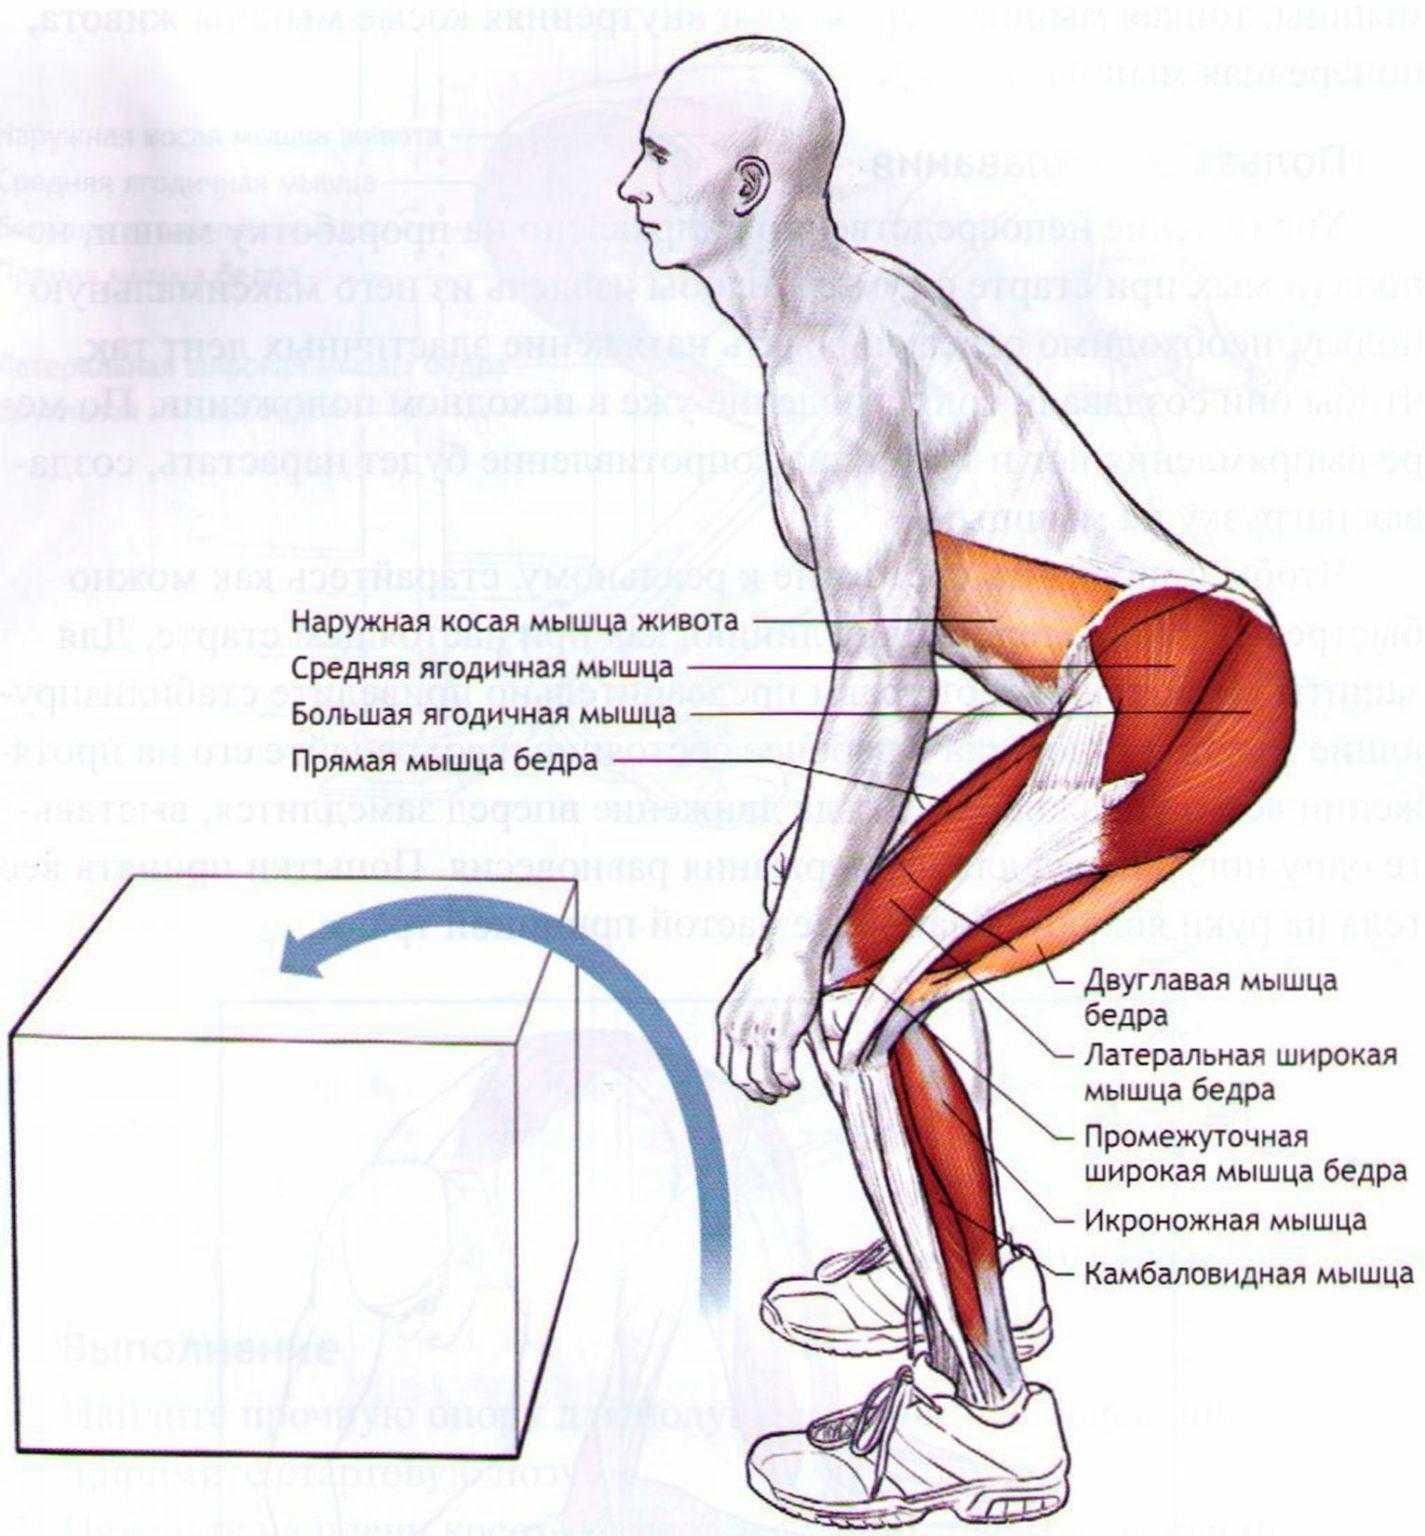 Какие мышцы будут работать при беге — разбираемся в анатомии